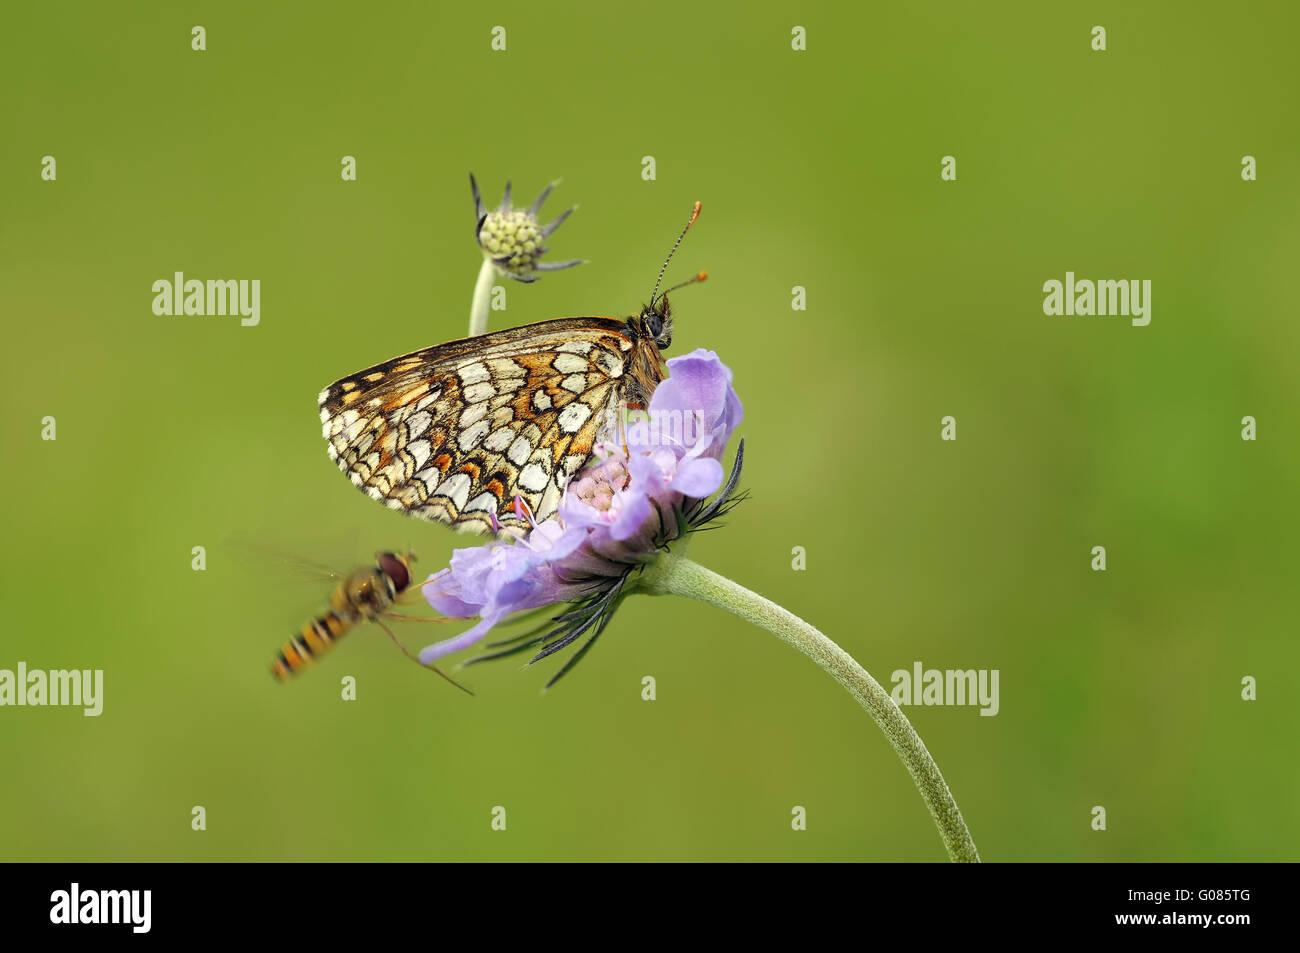 heath fritillary on flower - Stock Image